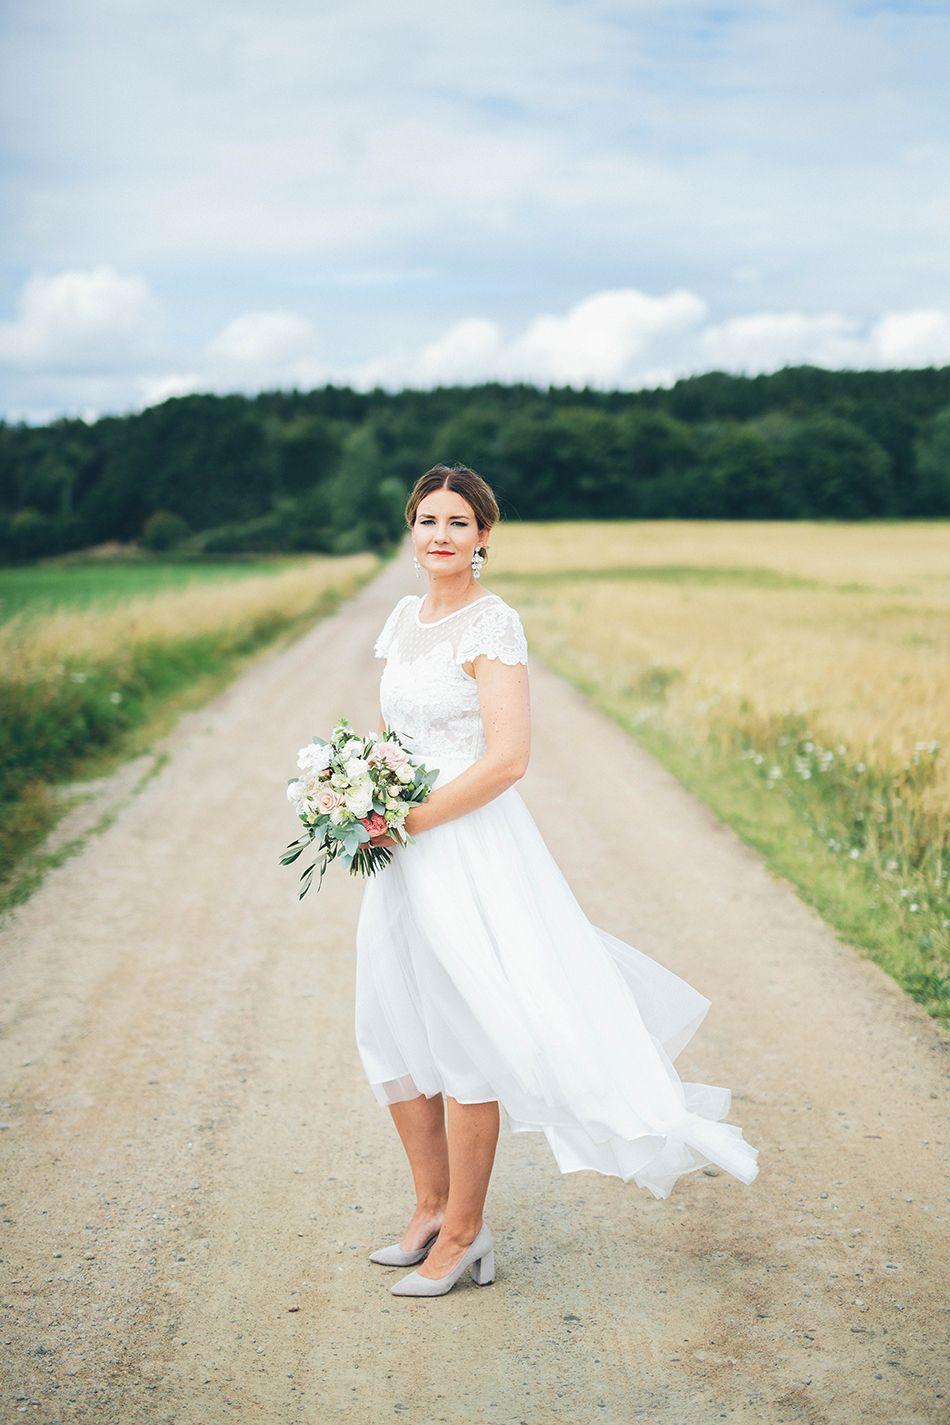 2a8d12333d7b 30 brudklänningar att inspireras av till ditt bröllop | mode ...